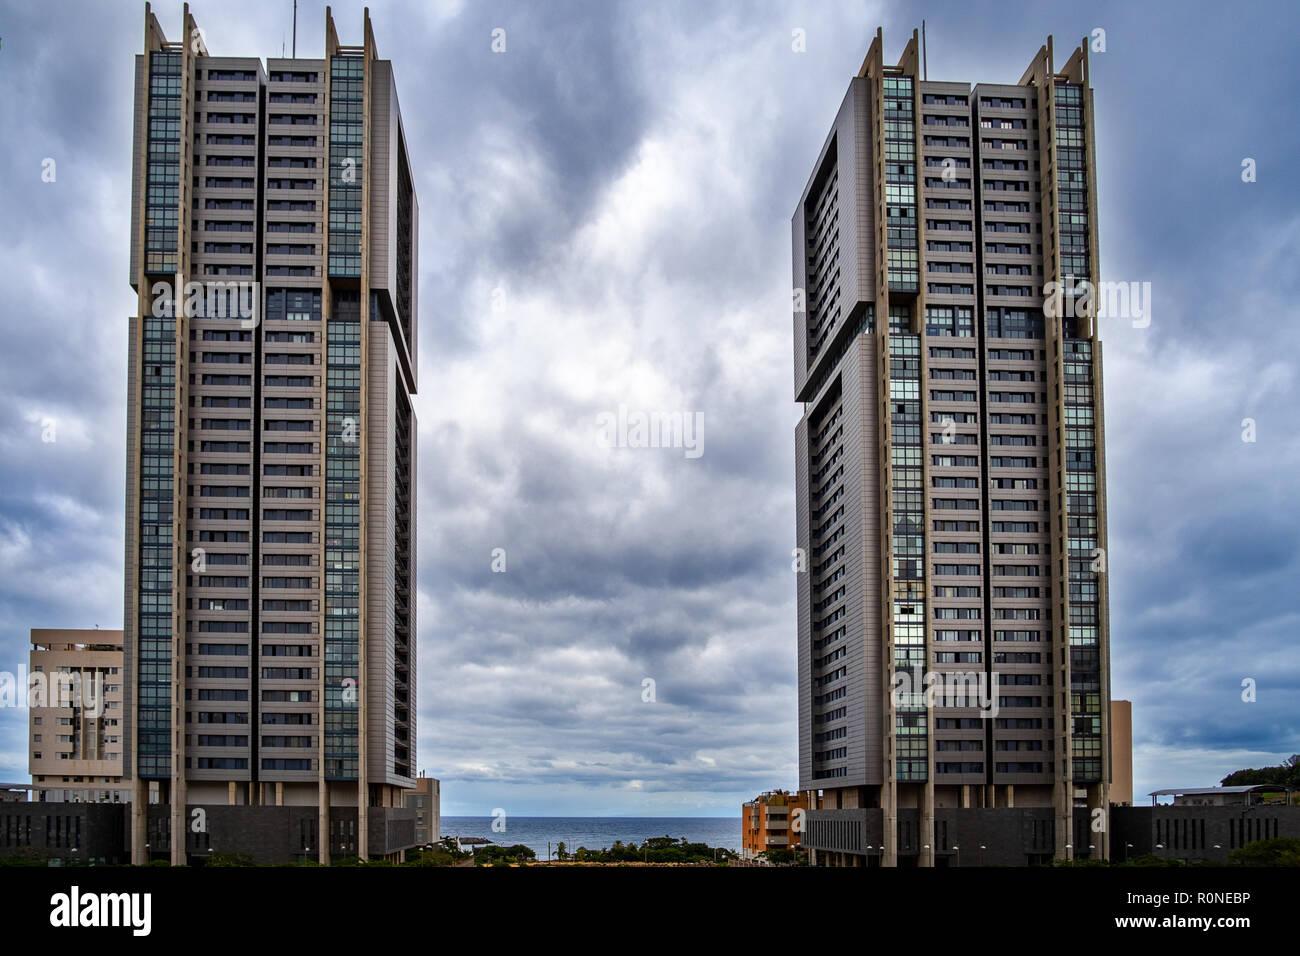 Torres de Santa Cruz - es el nombre de dos torres residenciales similares en el distrito de Cabo Llanos. Los edificios fueron diseñados por el arquitecto Julián V Foto de stock